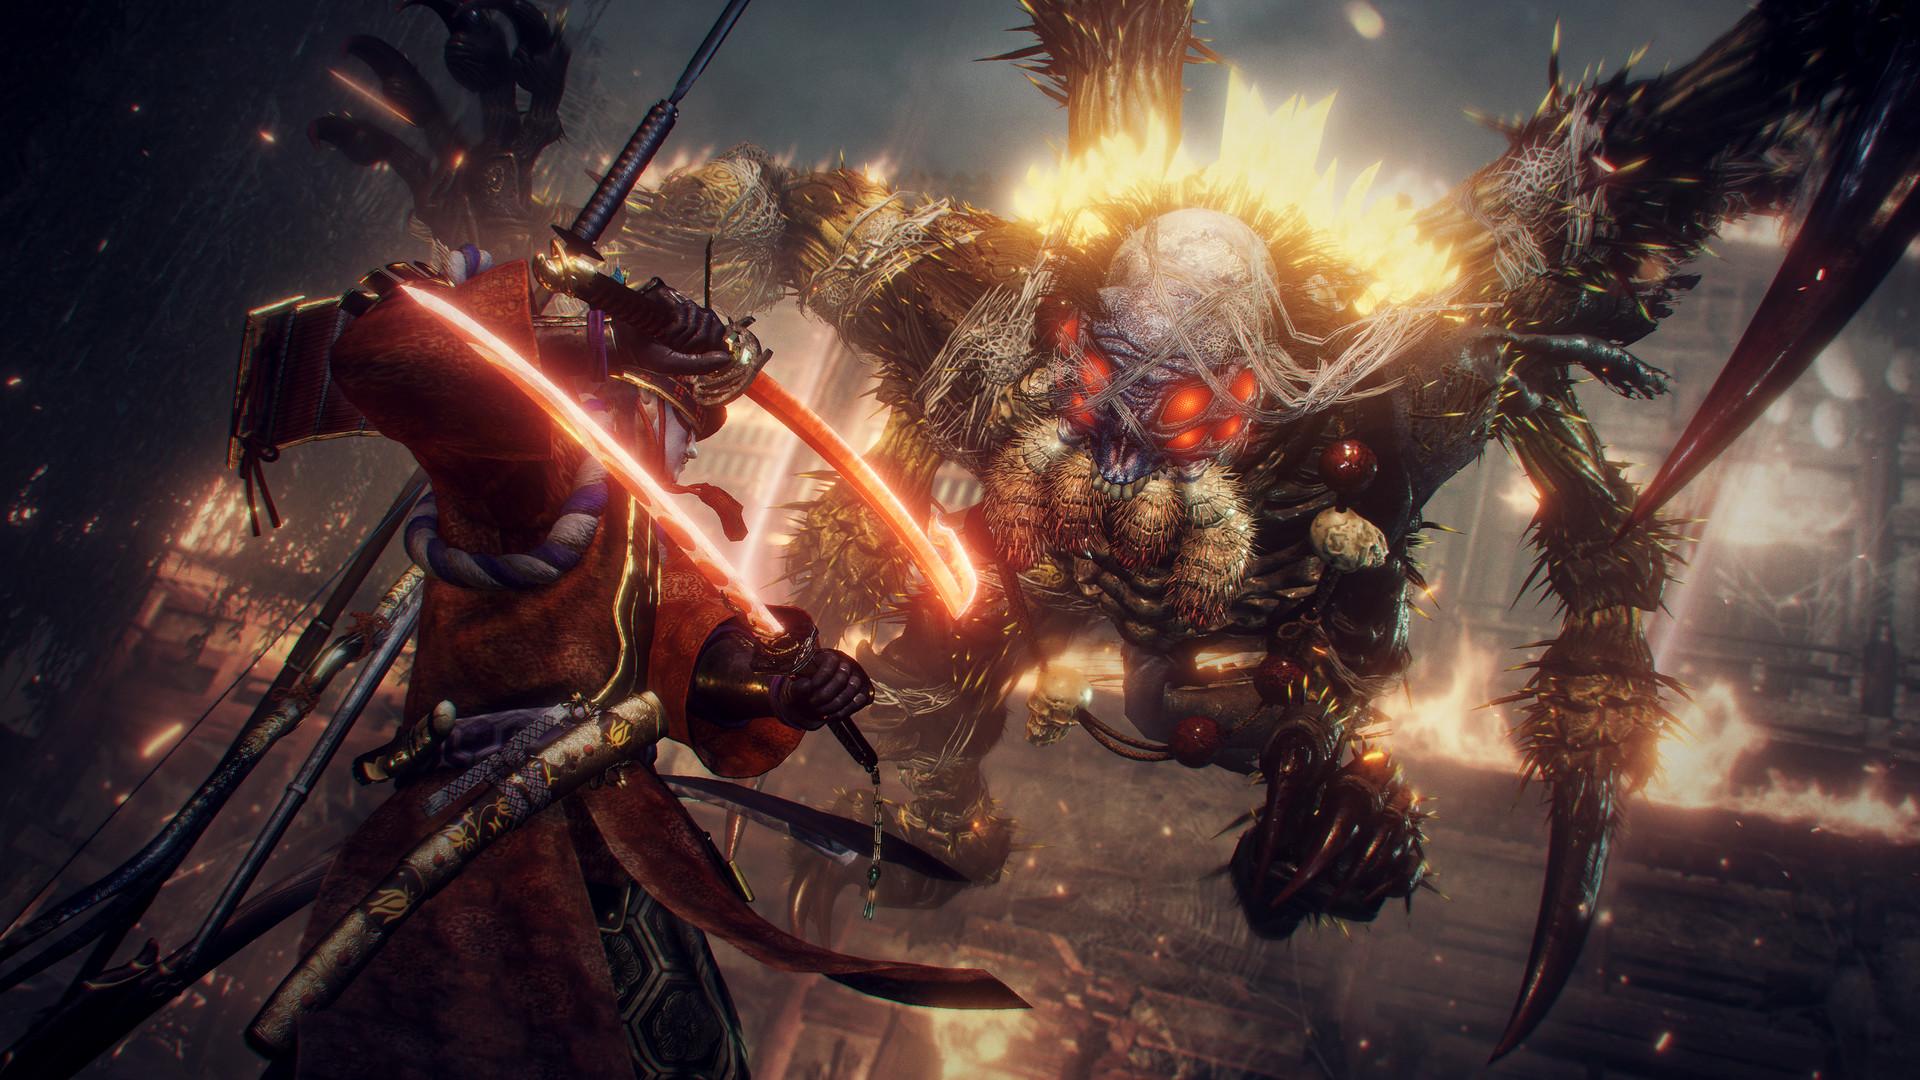 Gain more Yokai skills as you defeat enemies in Nioh 2